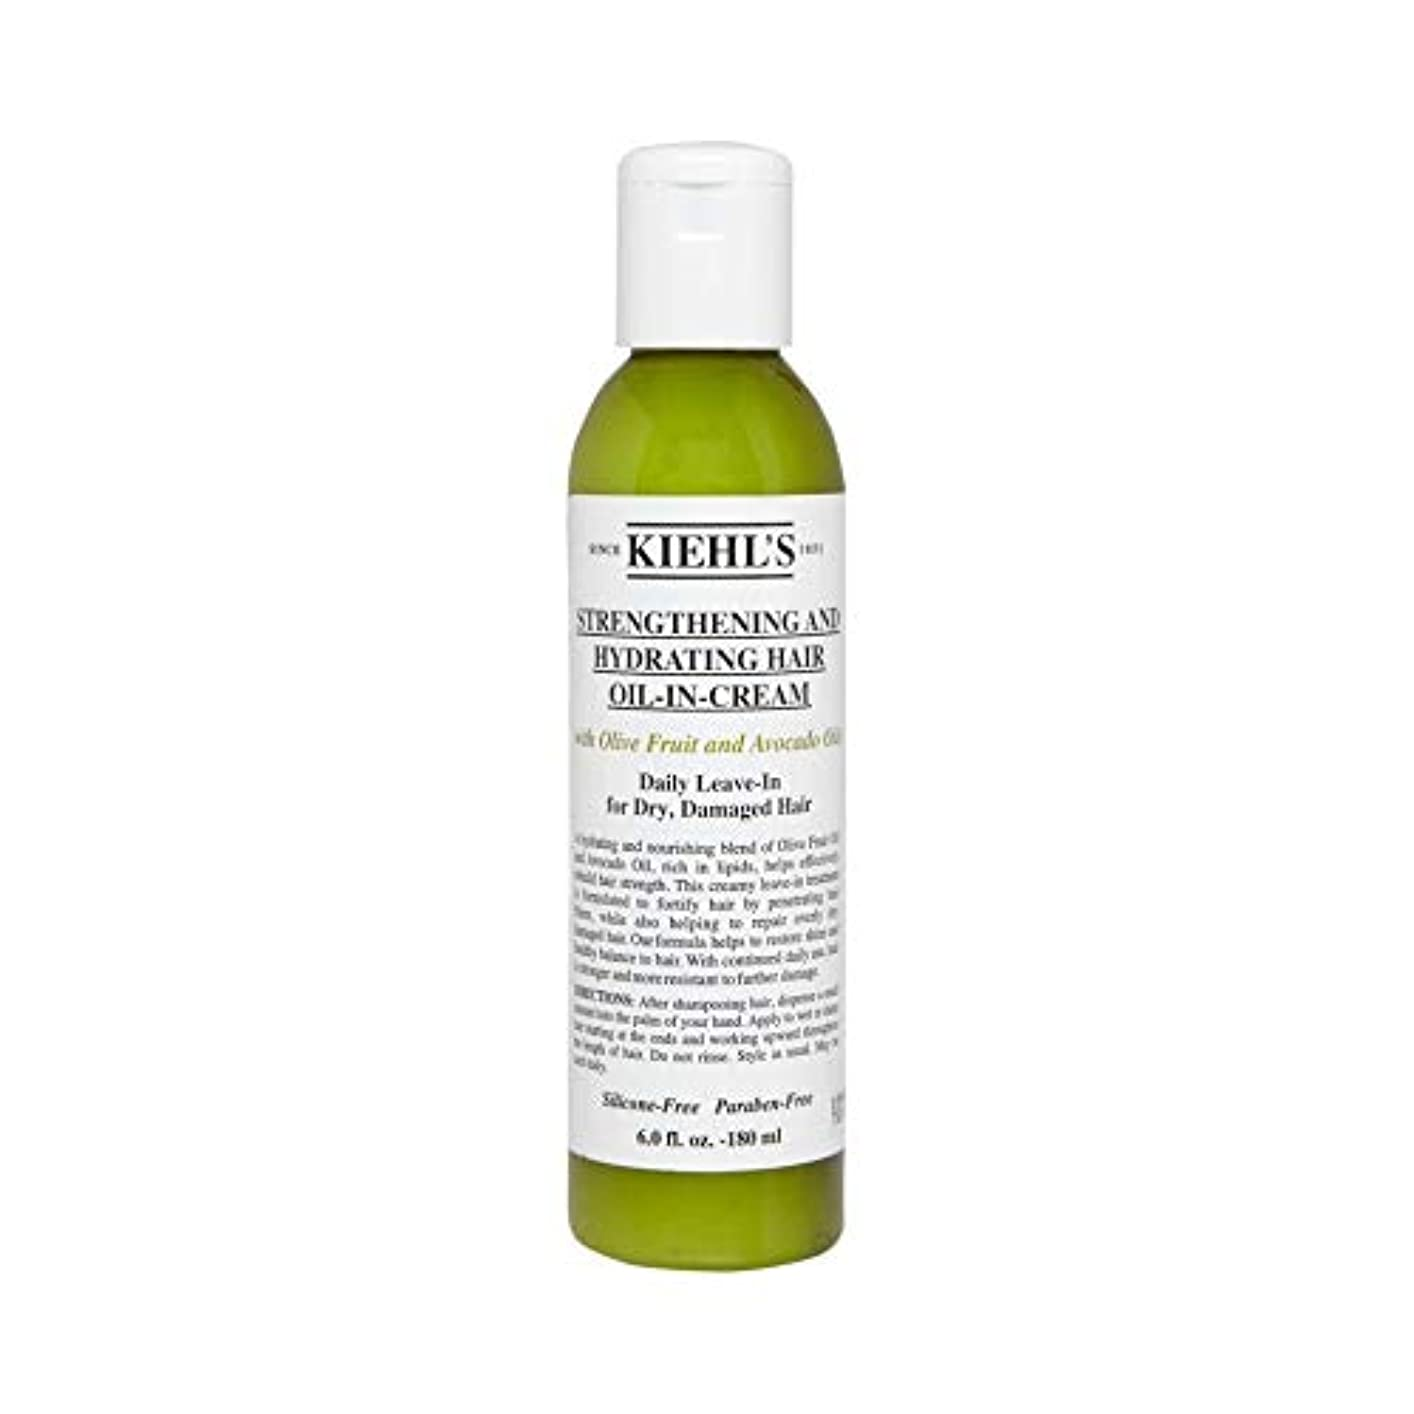 邪魔離婚無線[Kiehl's ] キールズオリーブフルーツオイル深くRepairative髪Pak 250ミリリットル - Kiehl's Olive Fruit Oil Deeply Repairative Hair Pak 250ml...